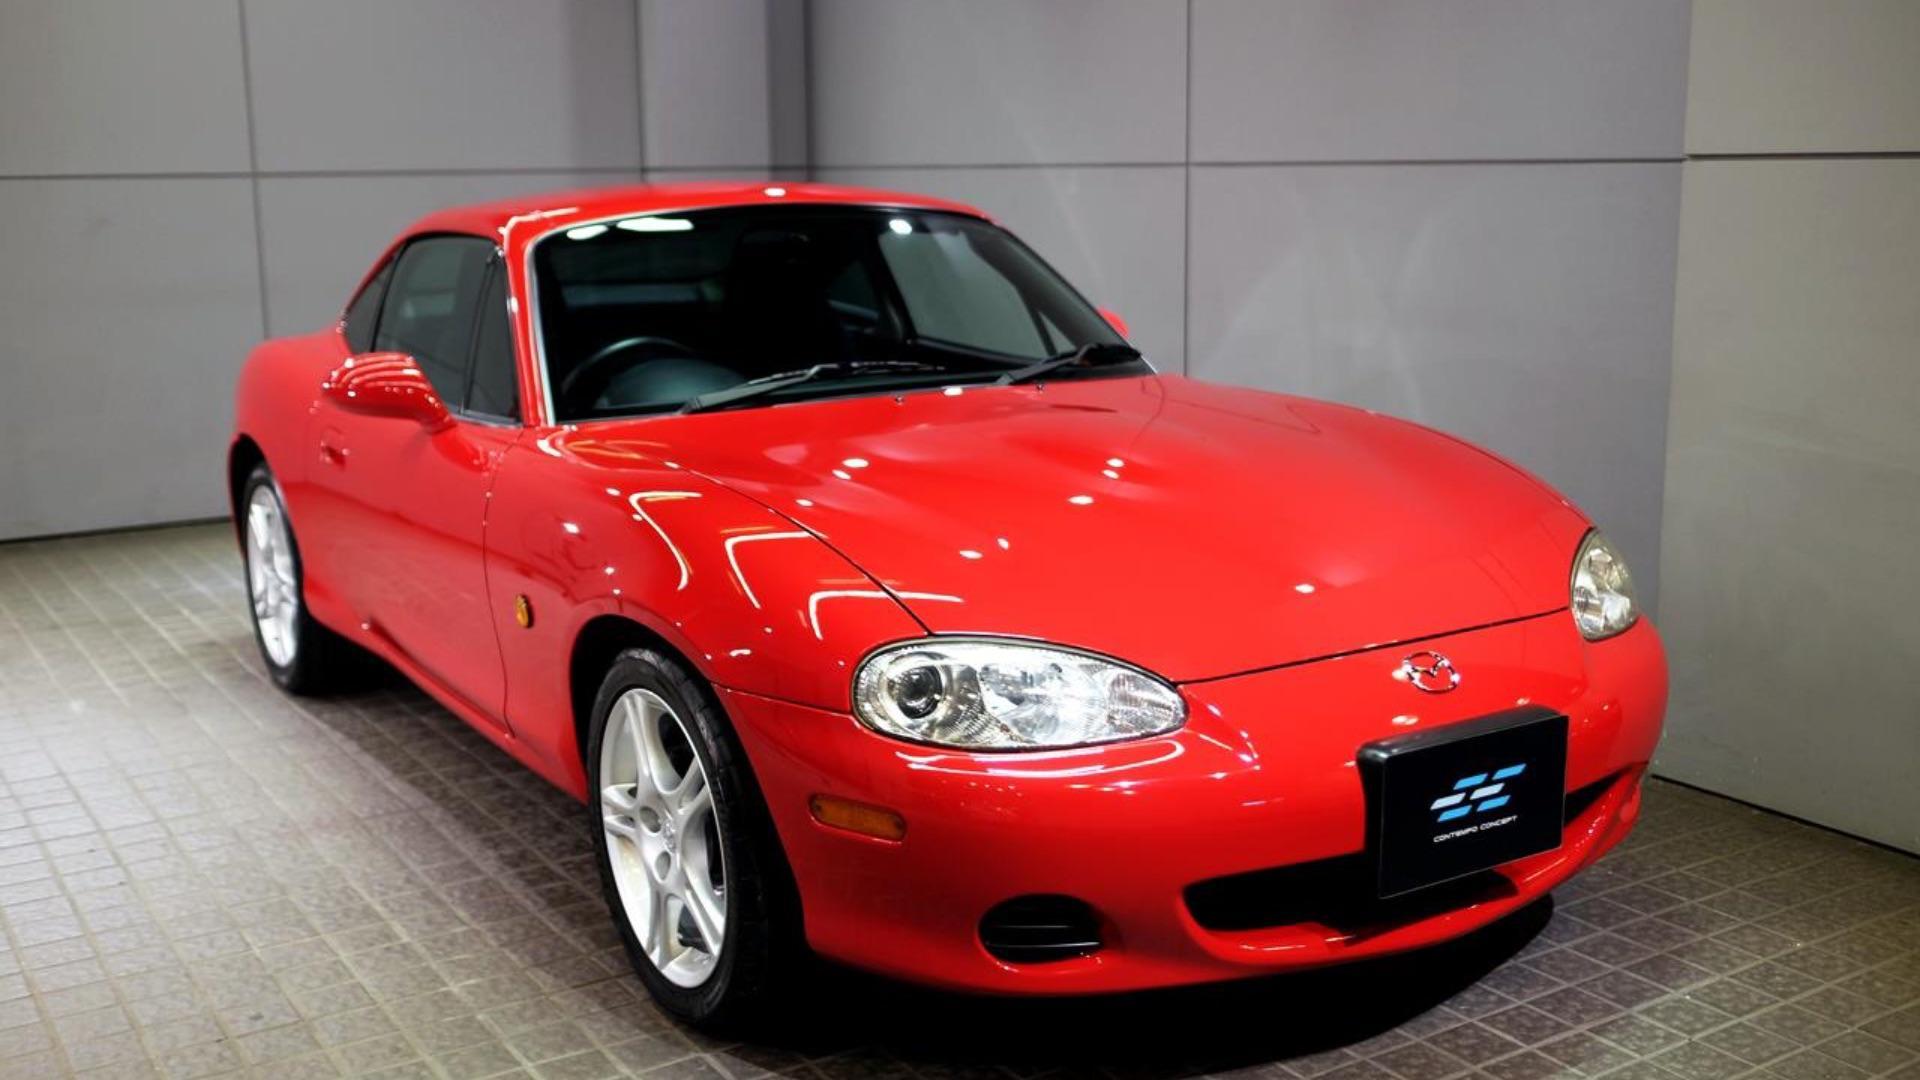 Rare 'Holy Grail' Mazda Miata MX-5 Up For Sale at $38k!